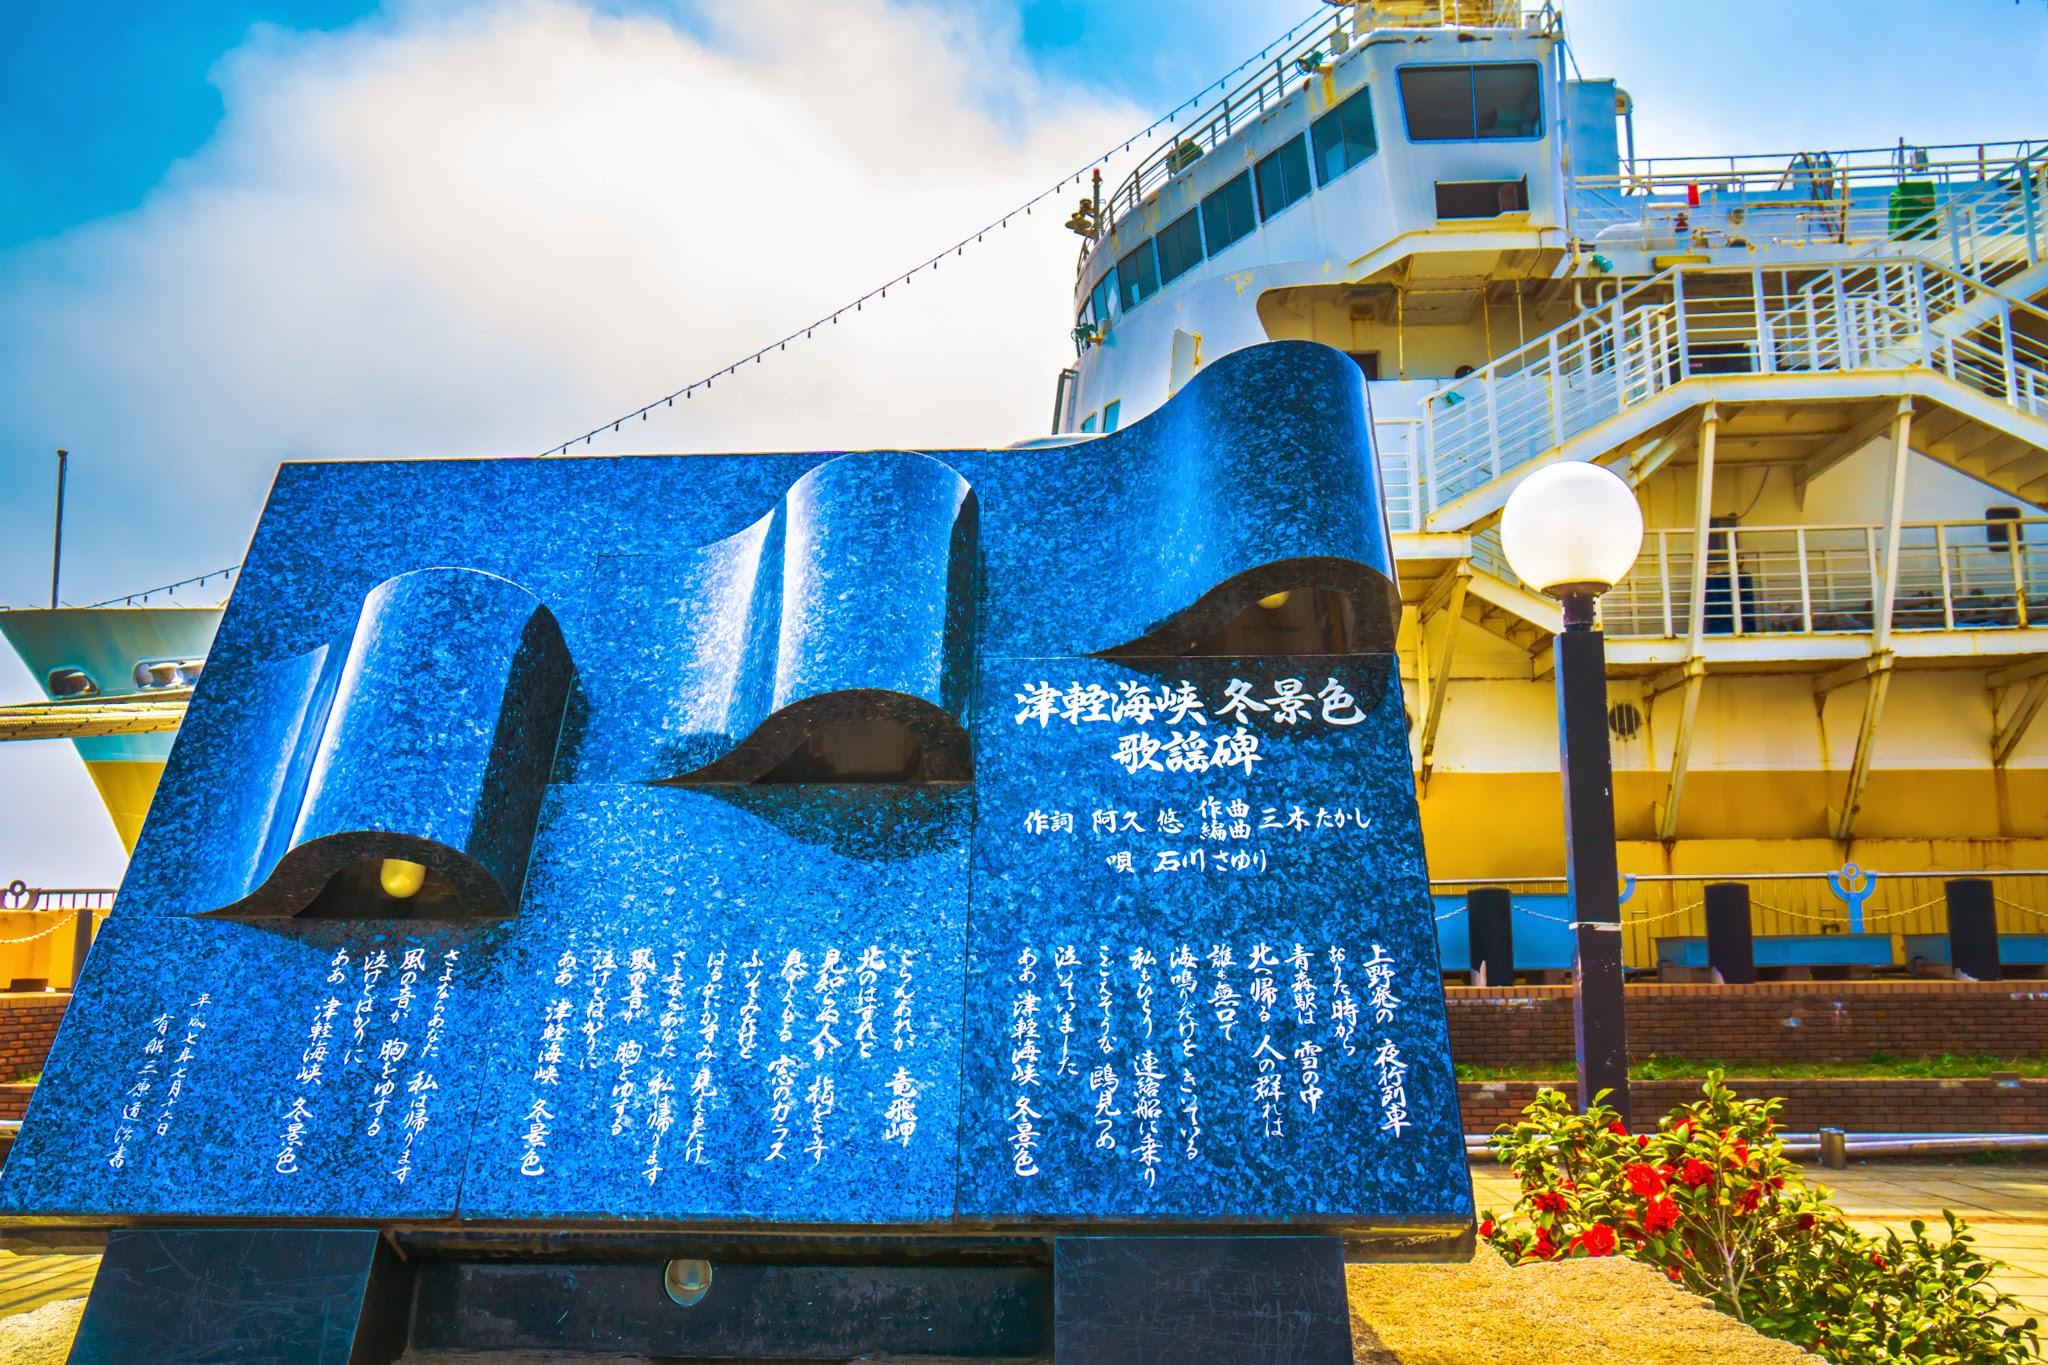 津軽海峡 冬景色 アイキャッチ画像